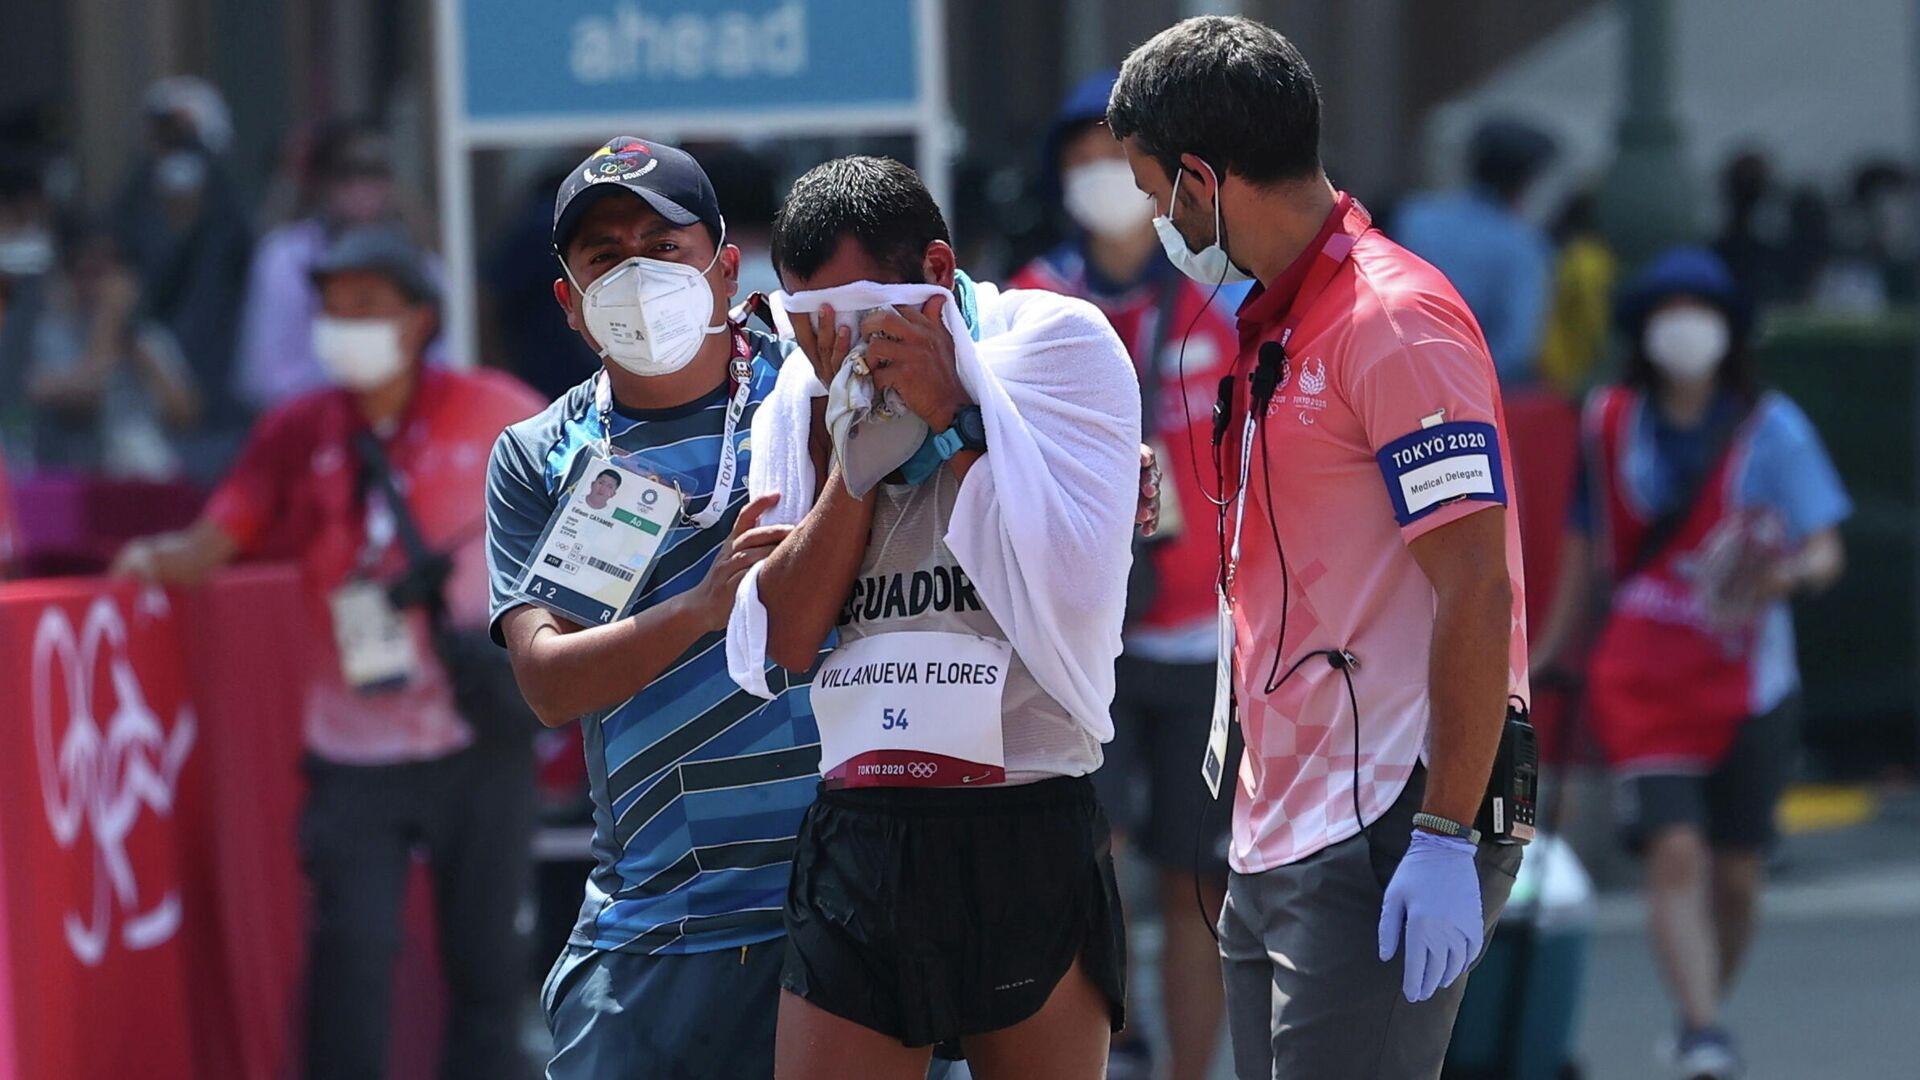 El atleta ecuatoriano Claudio Villanueva se emociona luego de cruzar la meta en último lugar en marcha atlética de 50 km - Sputnik Mundo, 1920, 06.08.2021